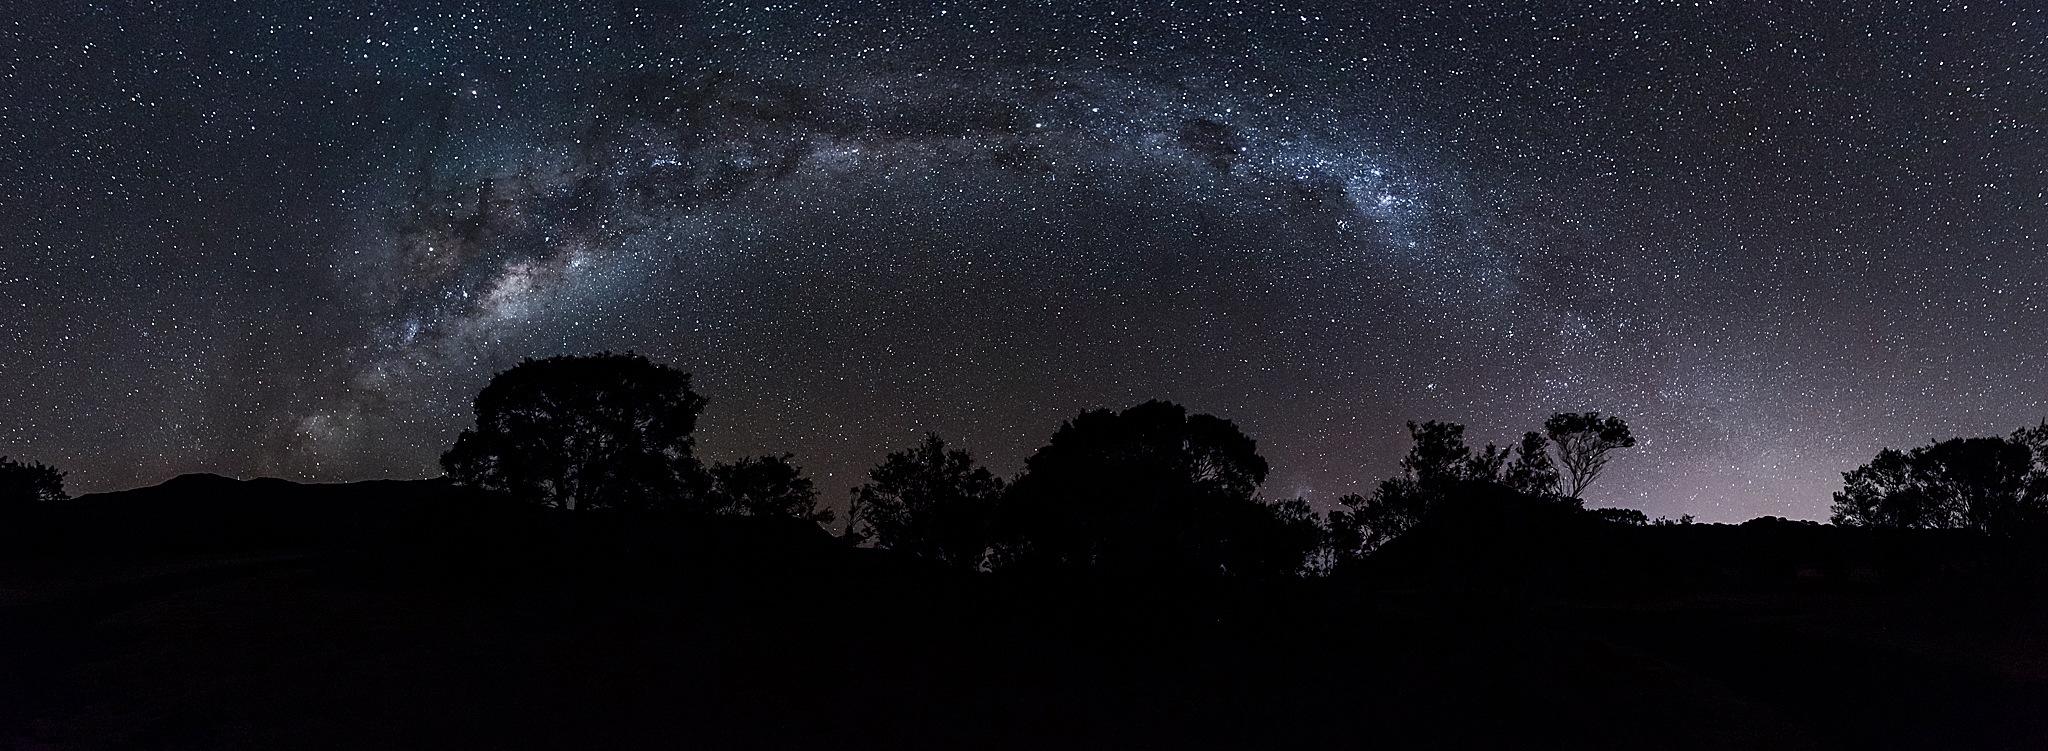 Milky way by manulauret